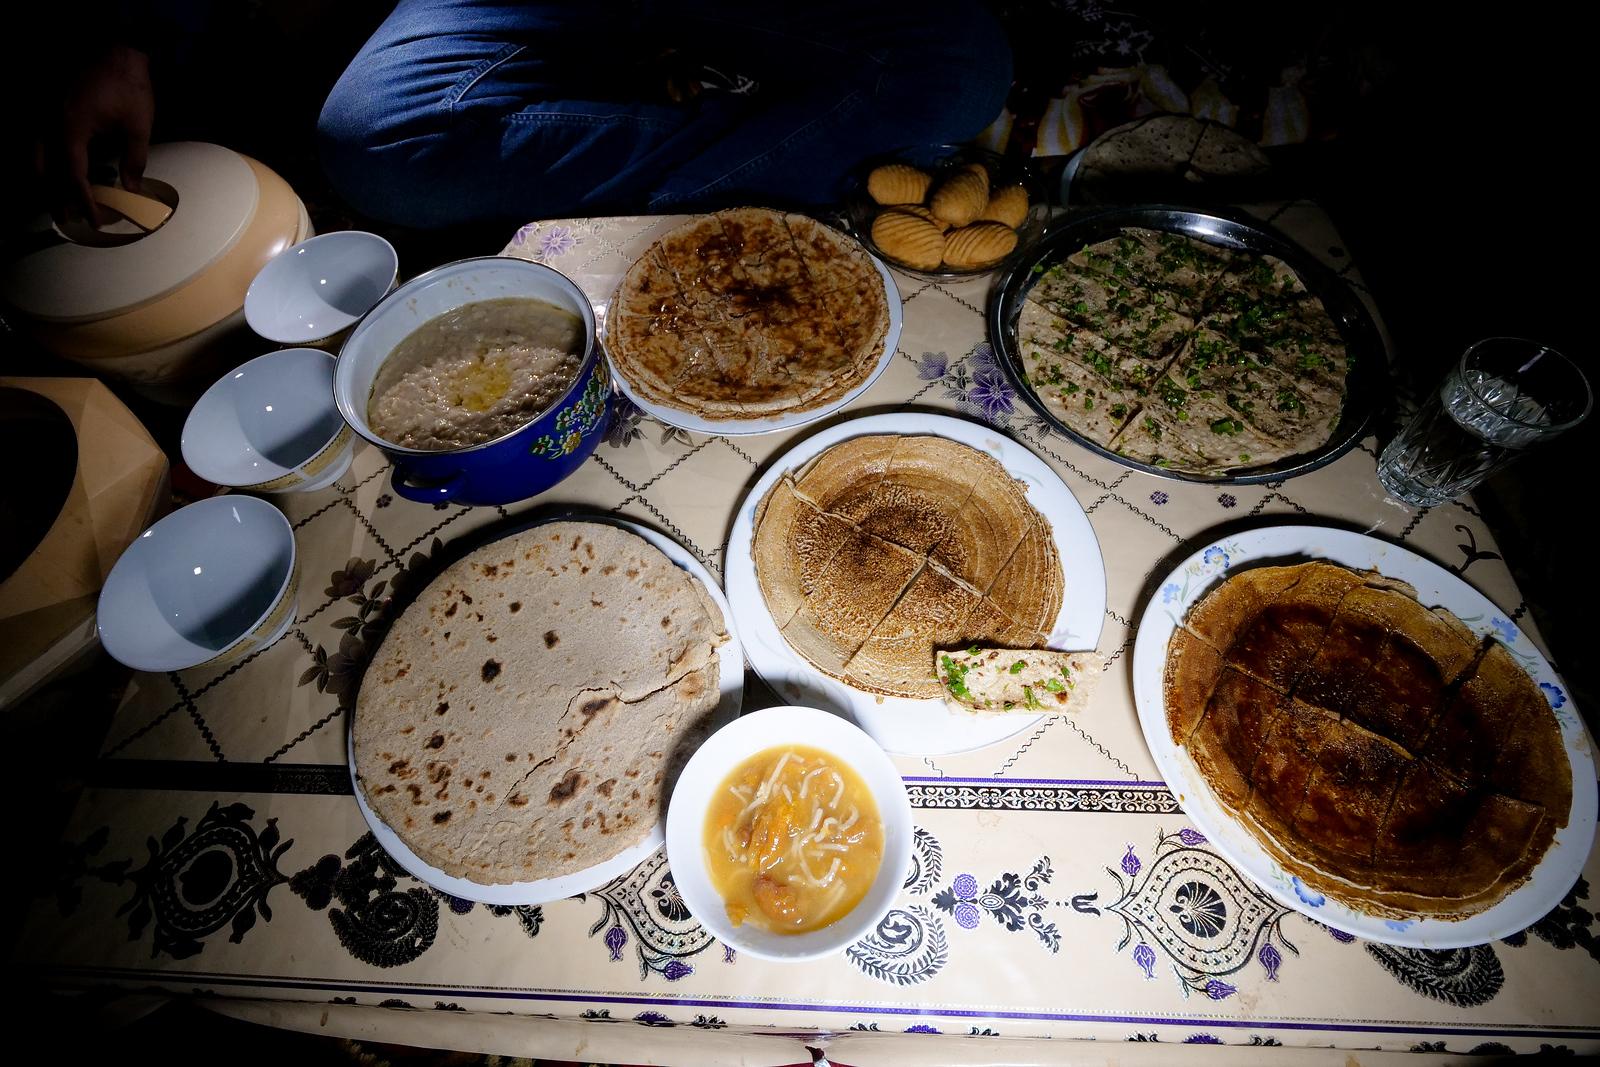 吉尔吉特-伯尔蒂斯坦当地的地道食物